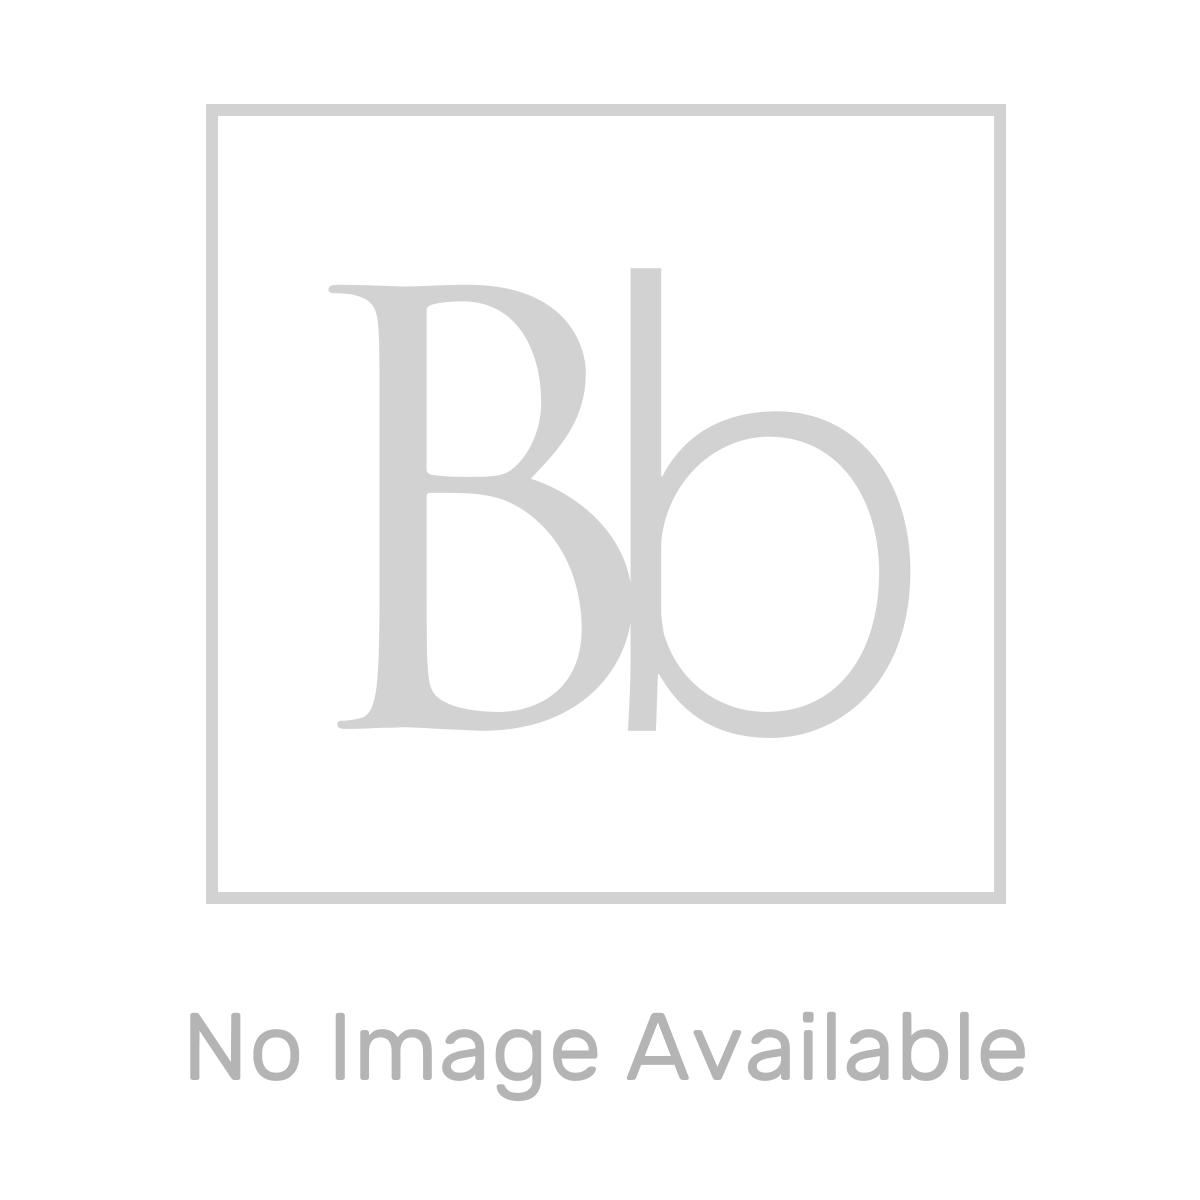 Kartell Purity White 2 Door Floor Standing Vanity Unit 600mm